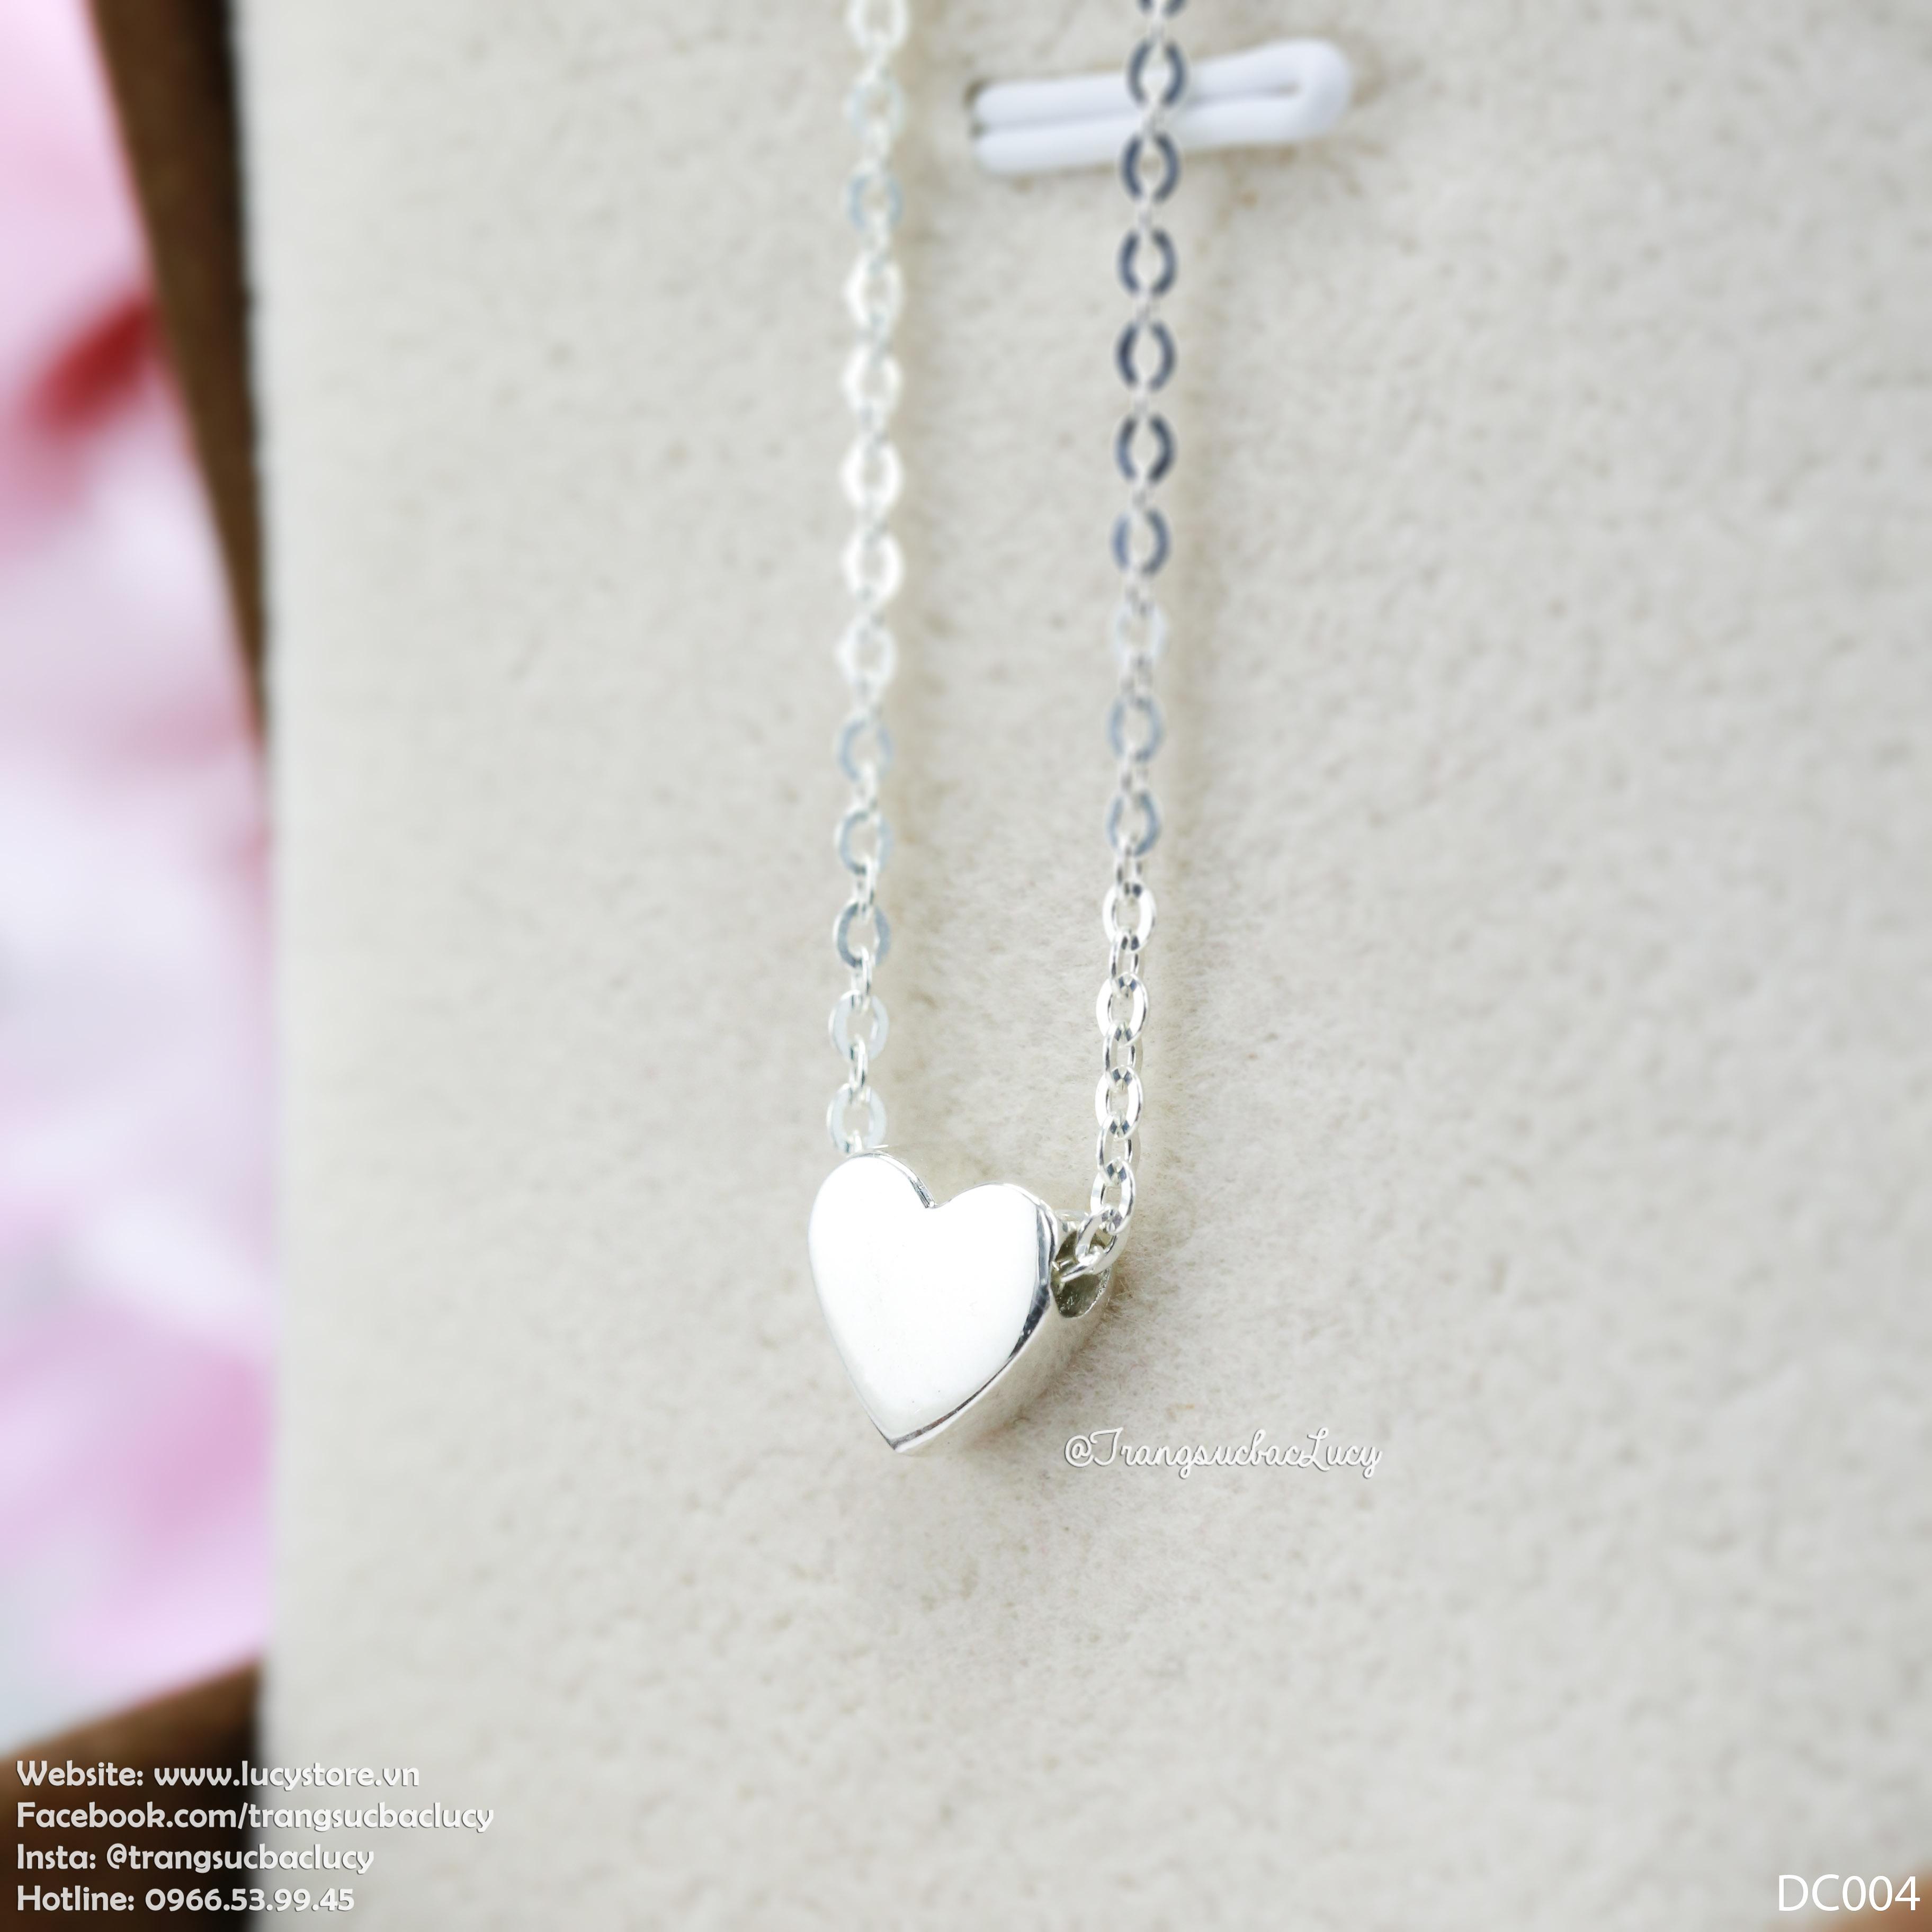 Dây chuyền liền mặt trái tim nhỏ bạc Lucy - DC004